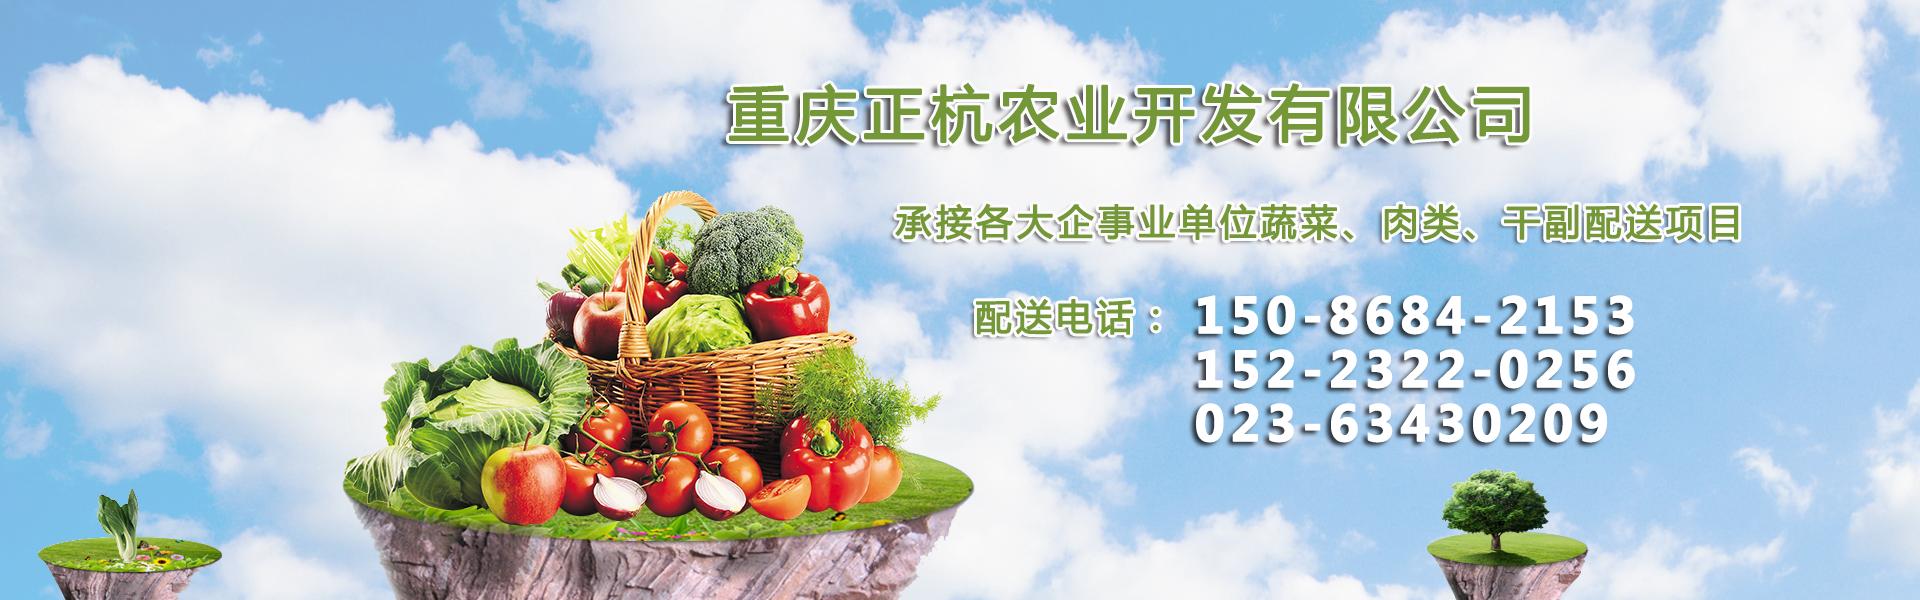 企业单位的食堂蔬菜提供配送服务